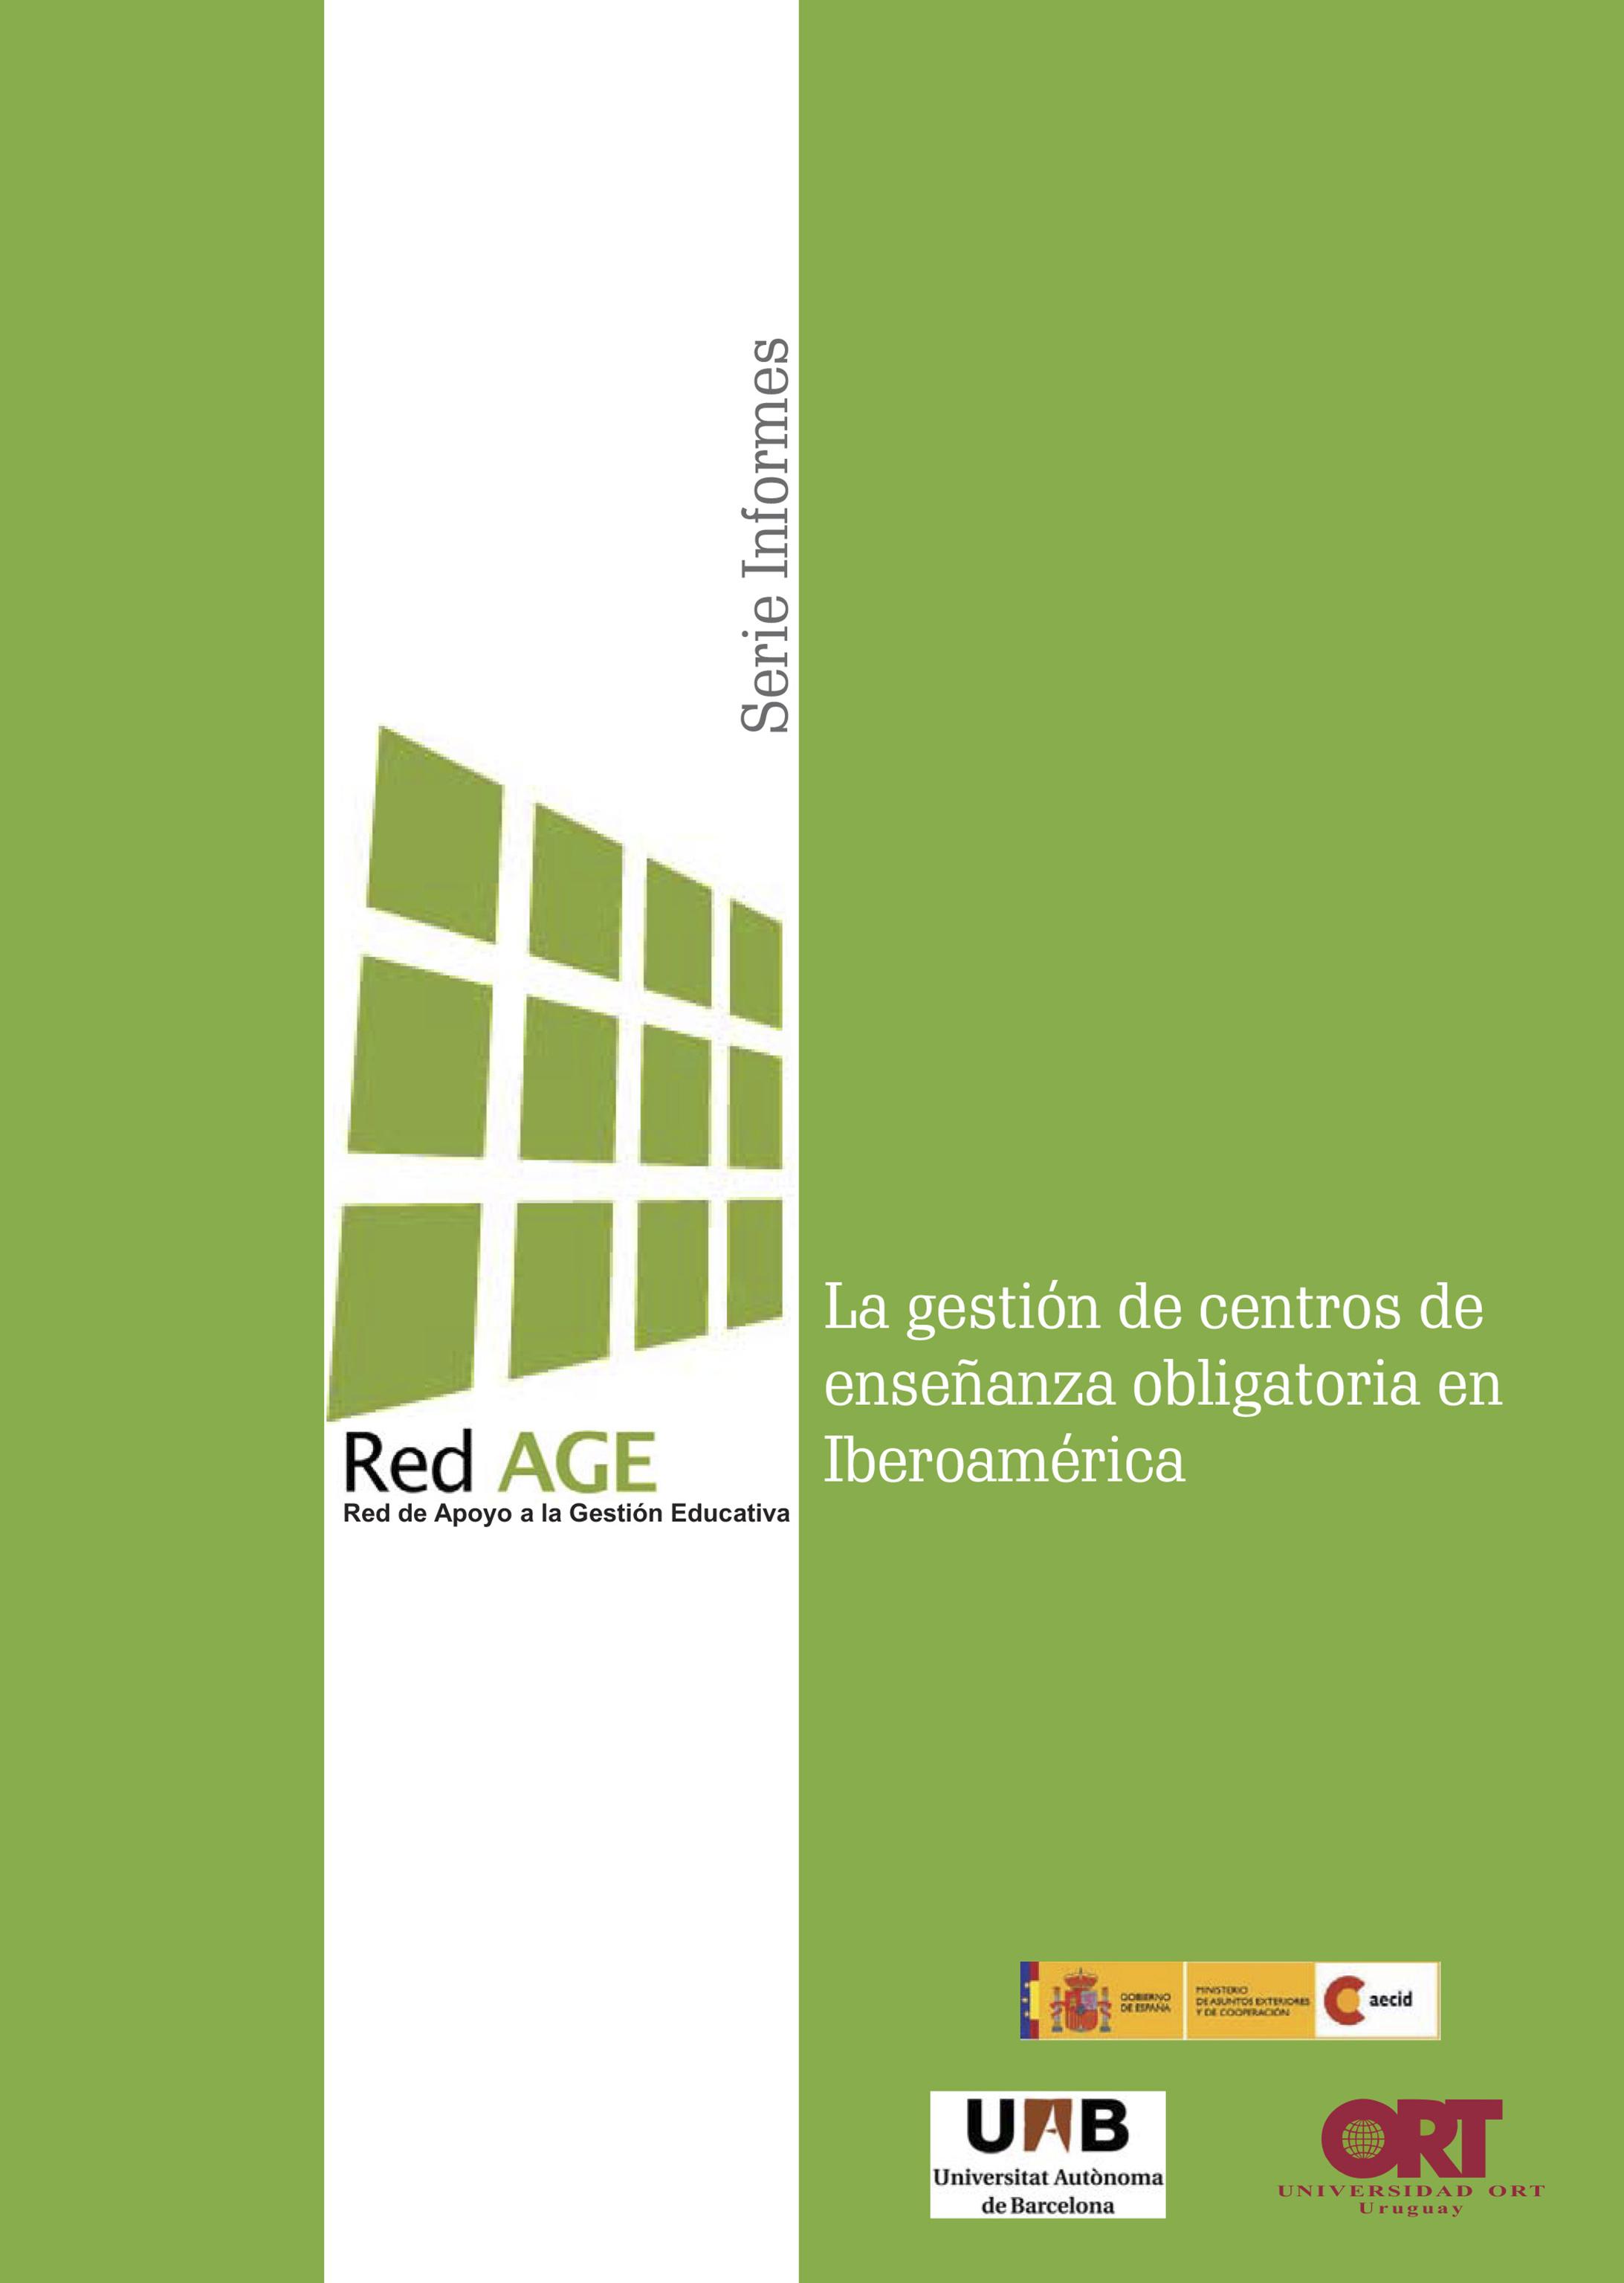 La gestión de centros de enseñanza obligatoria en Iberoamérica (2009)